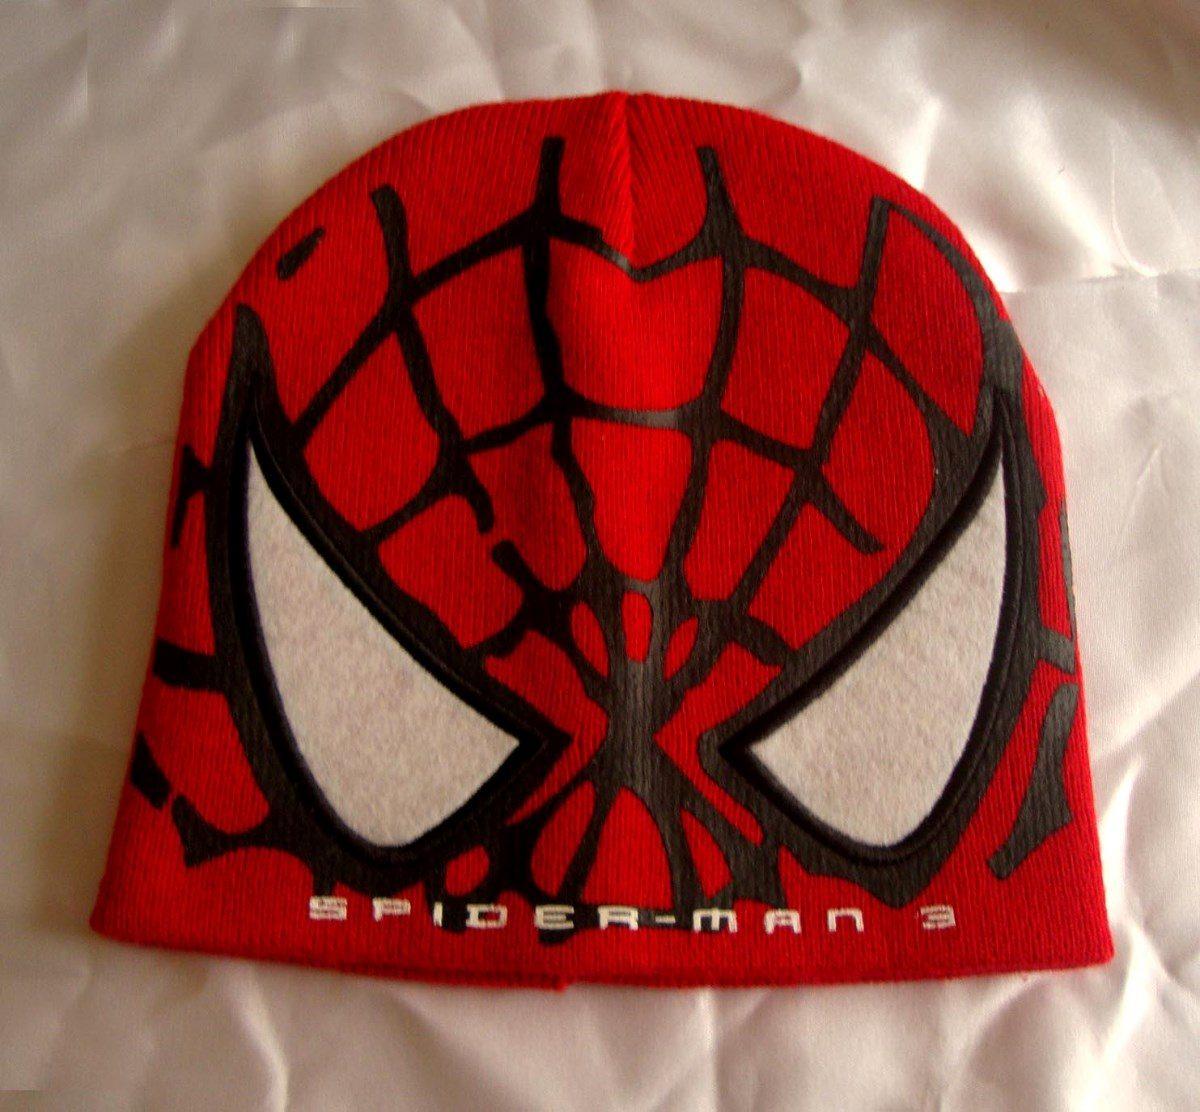 Gorro Rojo. Spider Man, Niño, Hombre Araña - $ 200.00 en MercadoLibre